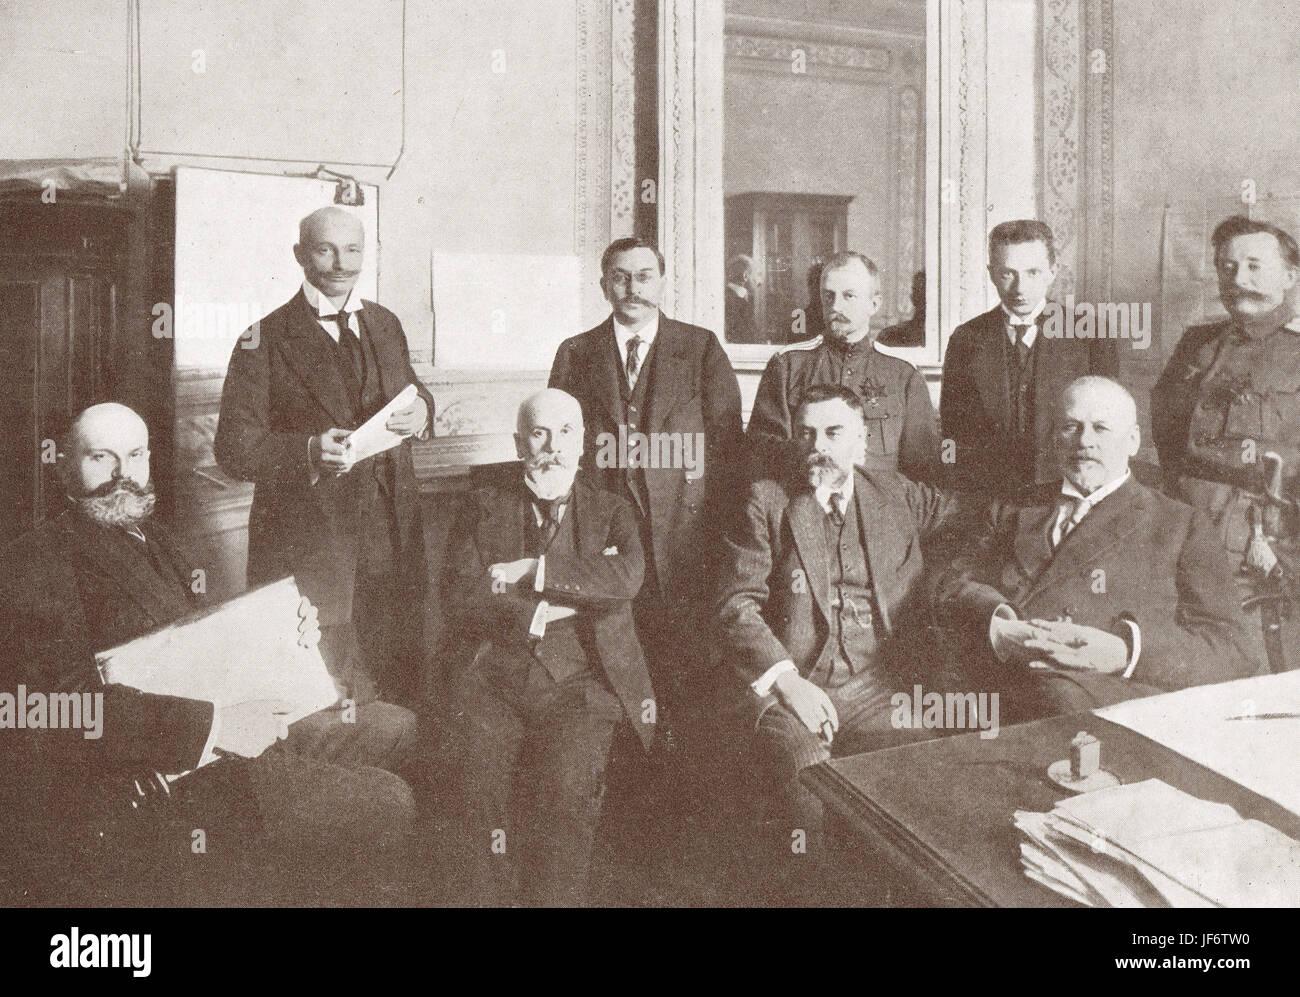 Staats-und Regierungschefs russische Februarrevolution 1917 Stockbild